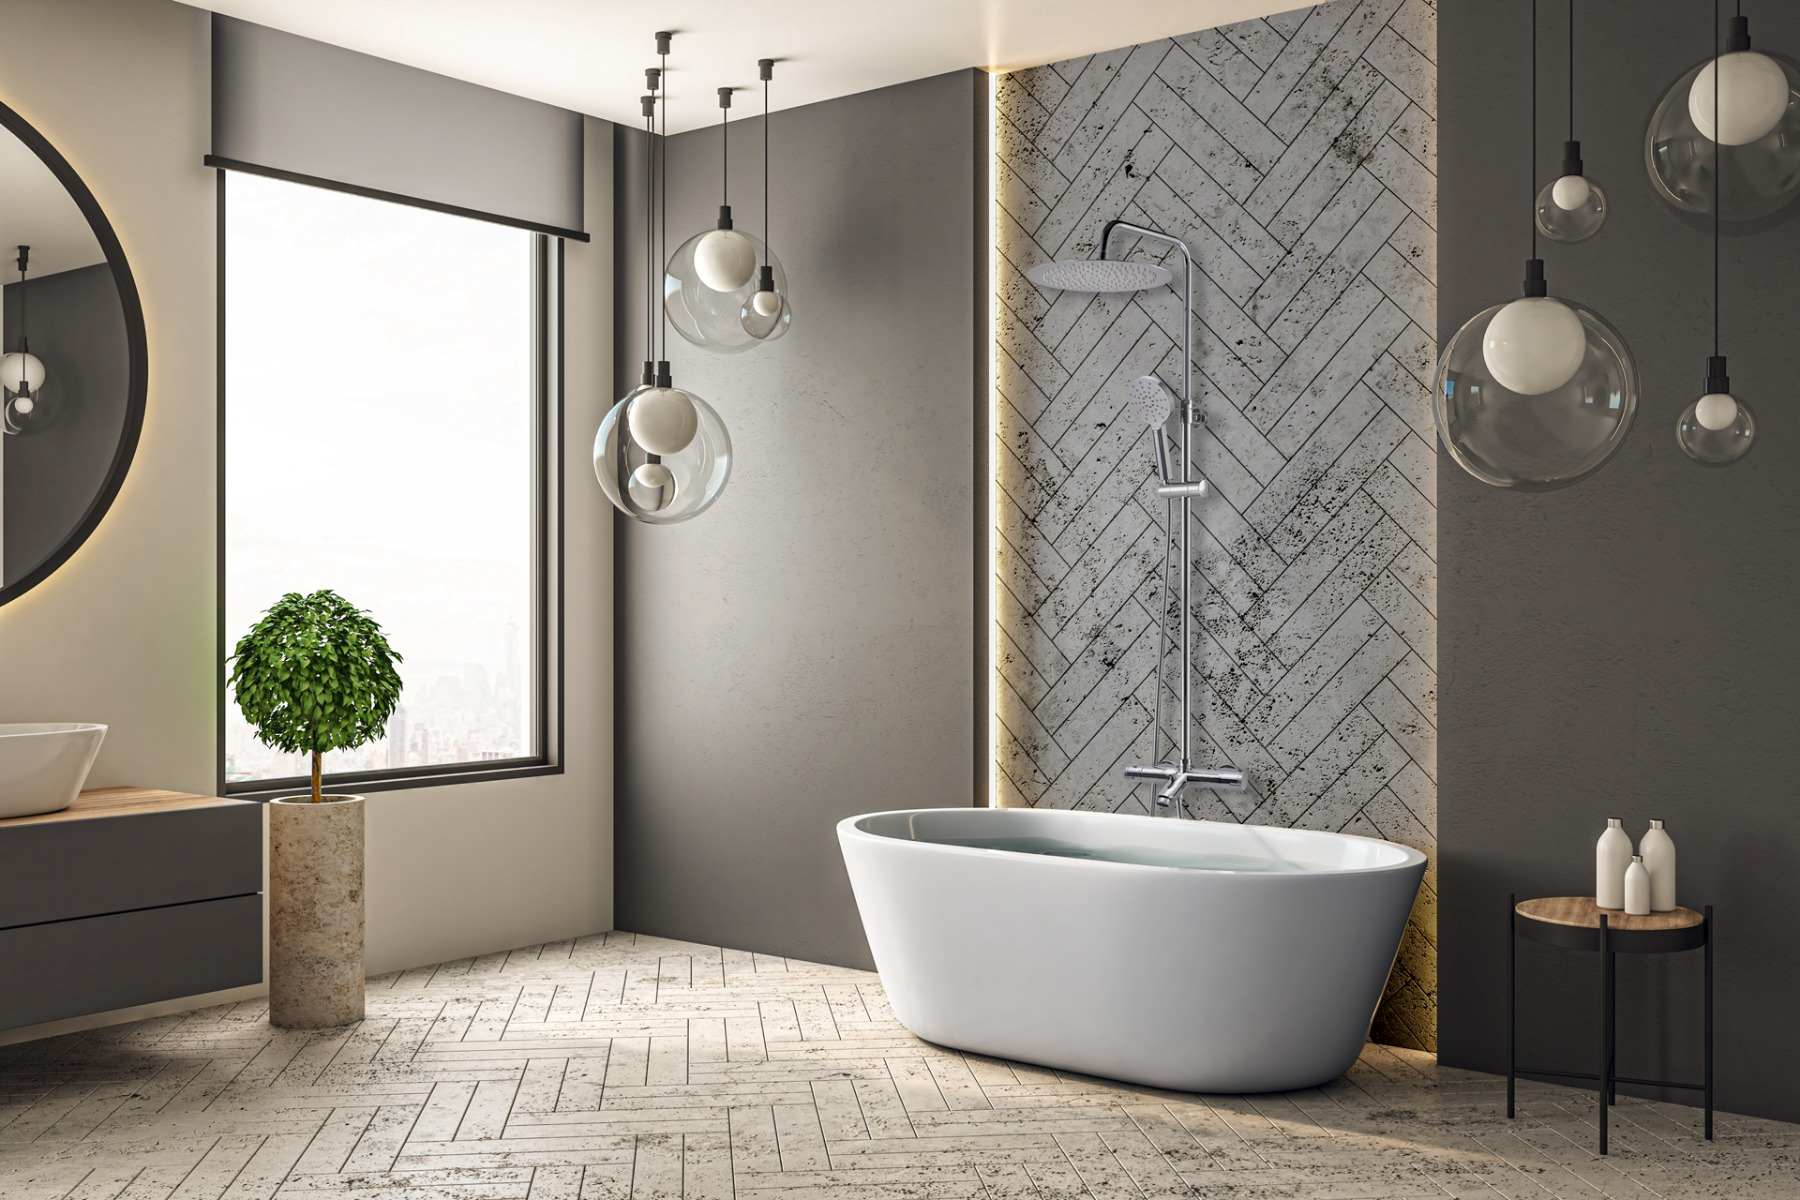 New Oneo colonne bain et douche avec thermostatique chrome